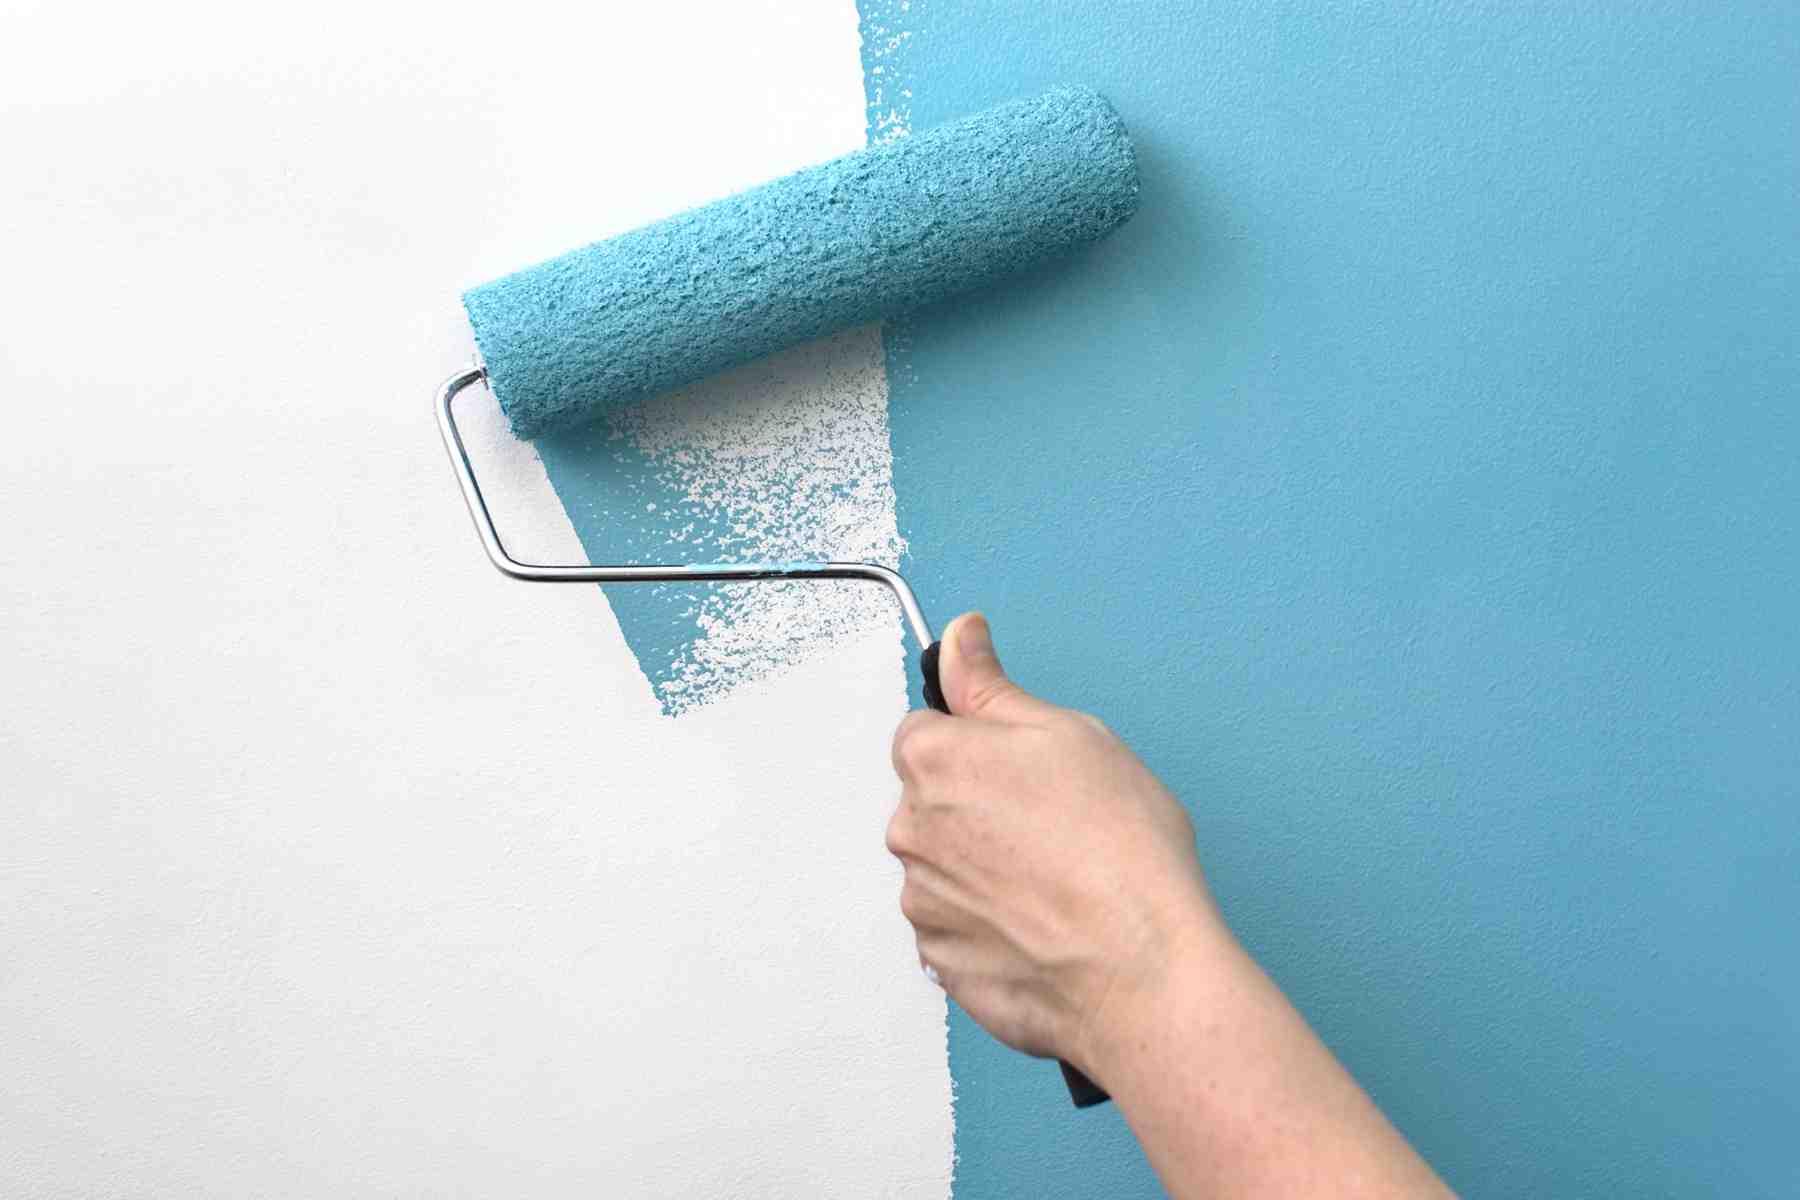 Quelle peinture pour une chambre mat ou satin ?